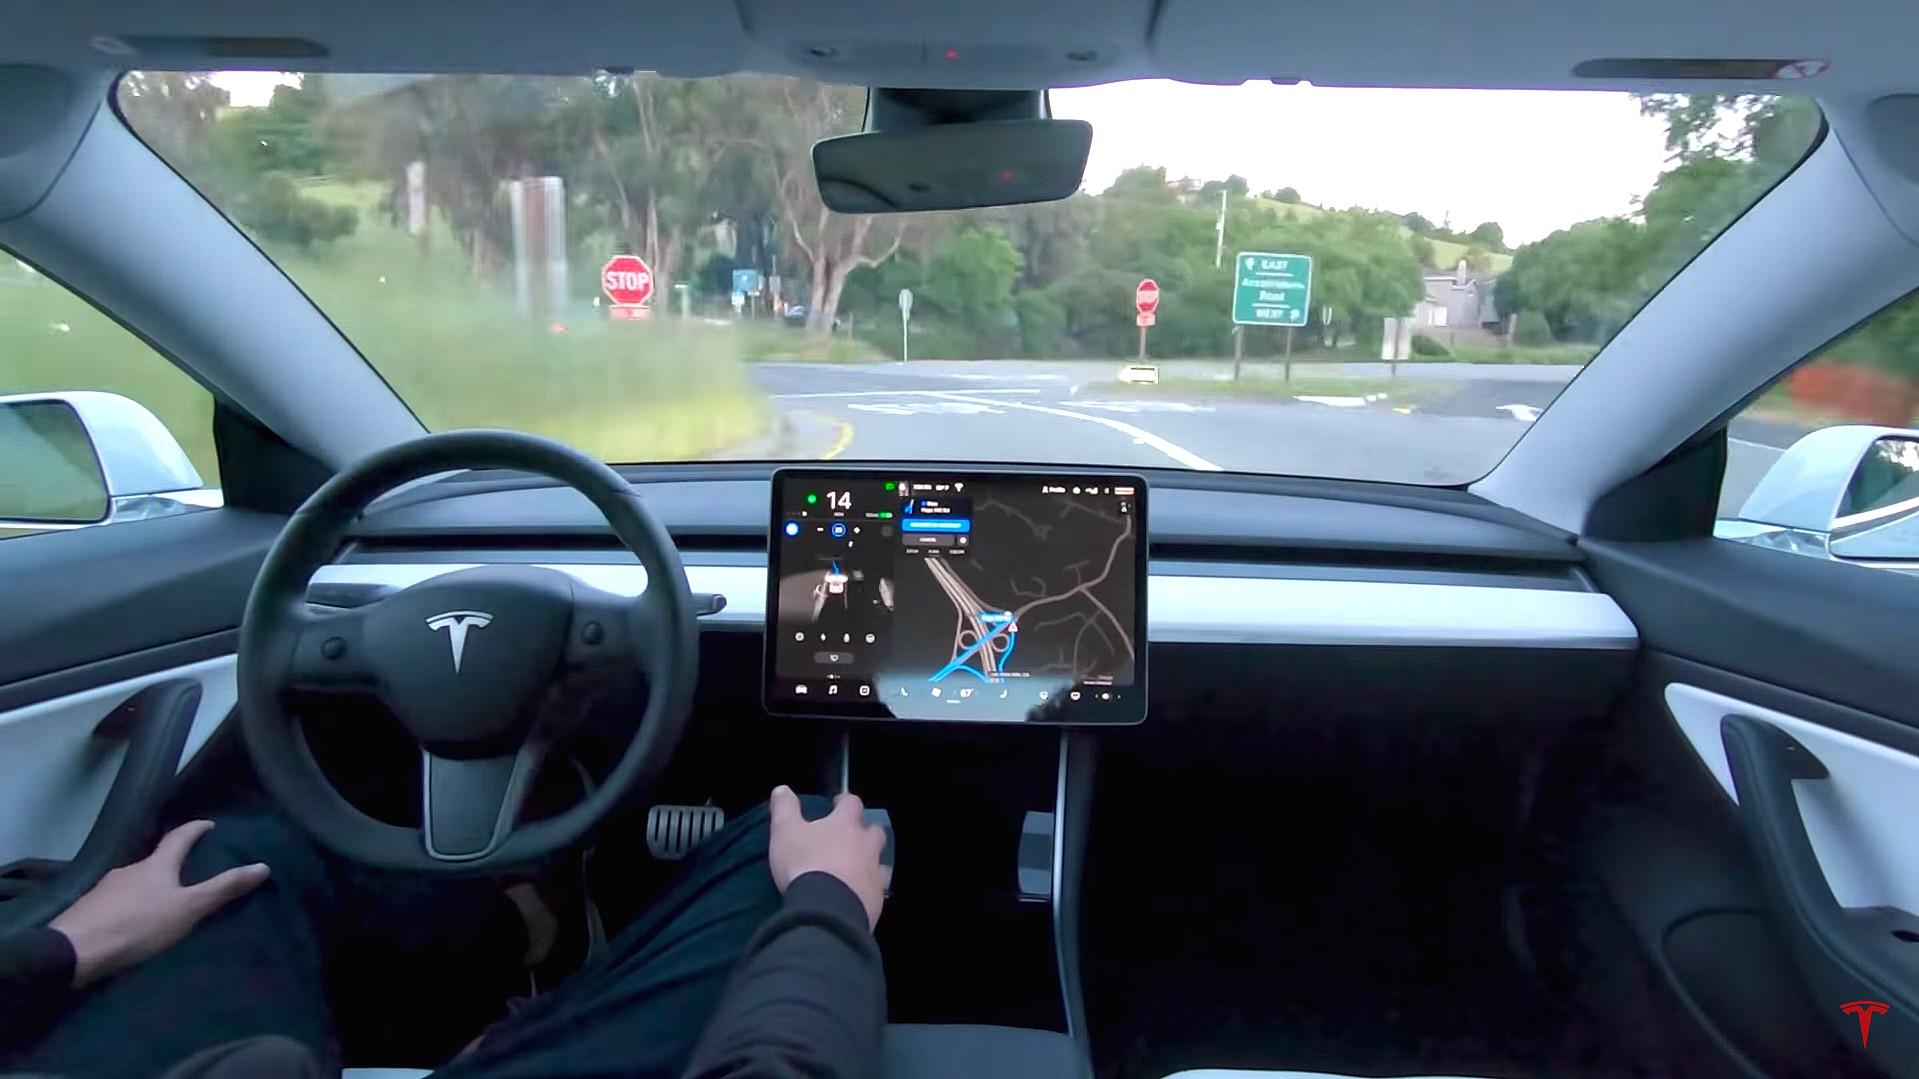 اتومبیلهای تمام خودران تسلا سال ۲۰۲۱ به بازار میآیند